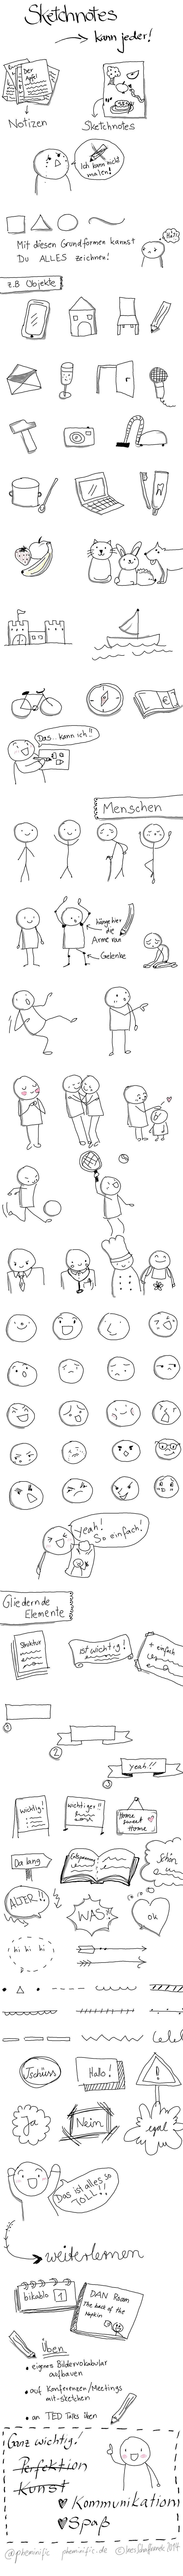 Eine Bilderanleitung um Sketchnotes zu lernen